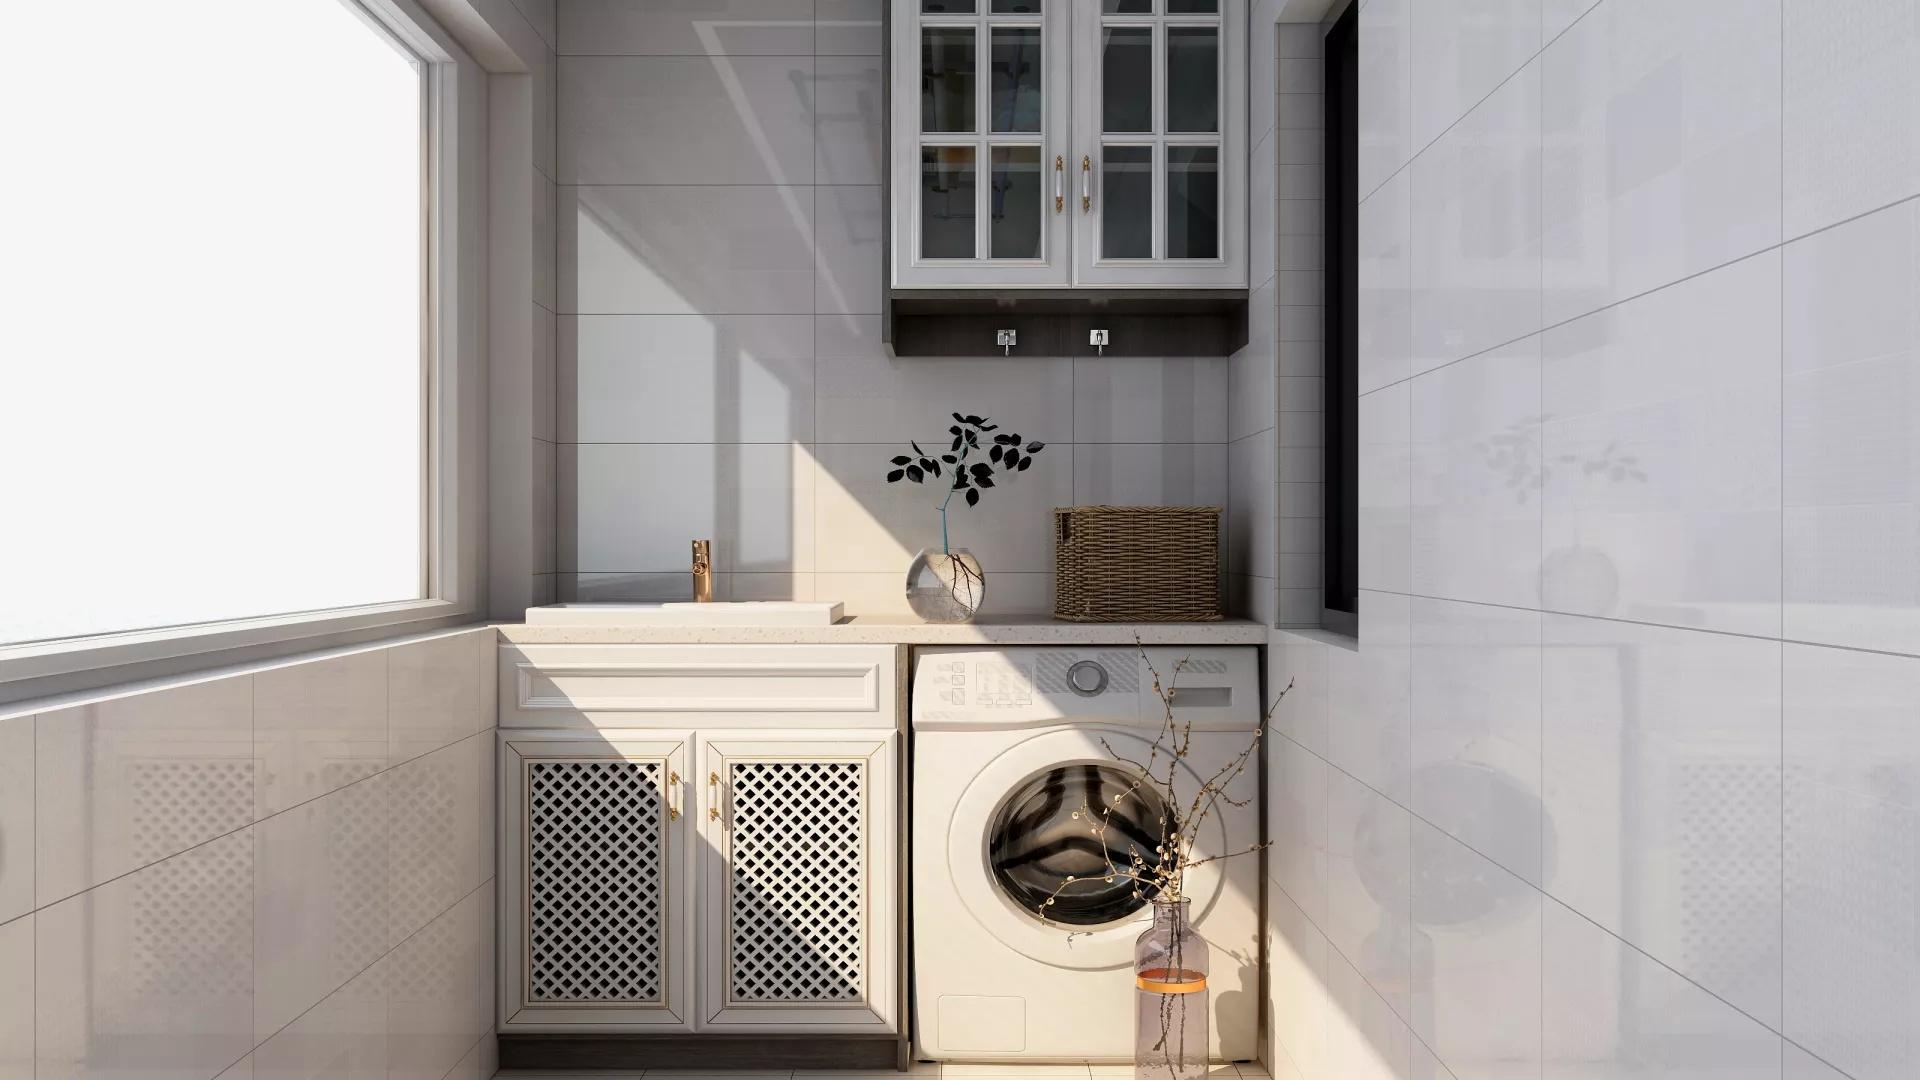 厨卫吊顶材料有哪些 厨房和卫生间吊顶用什么材料好